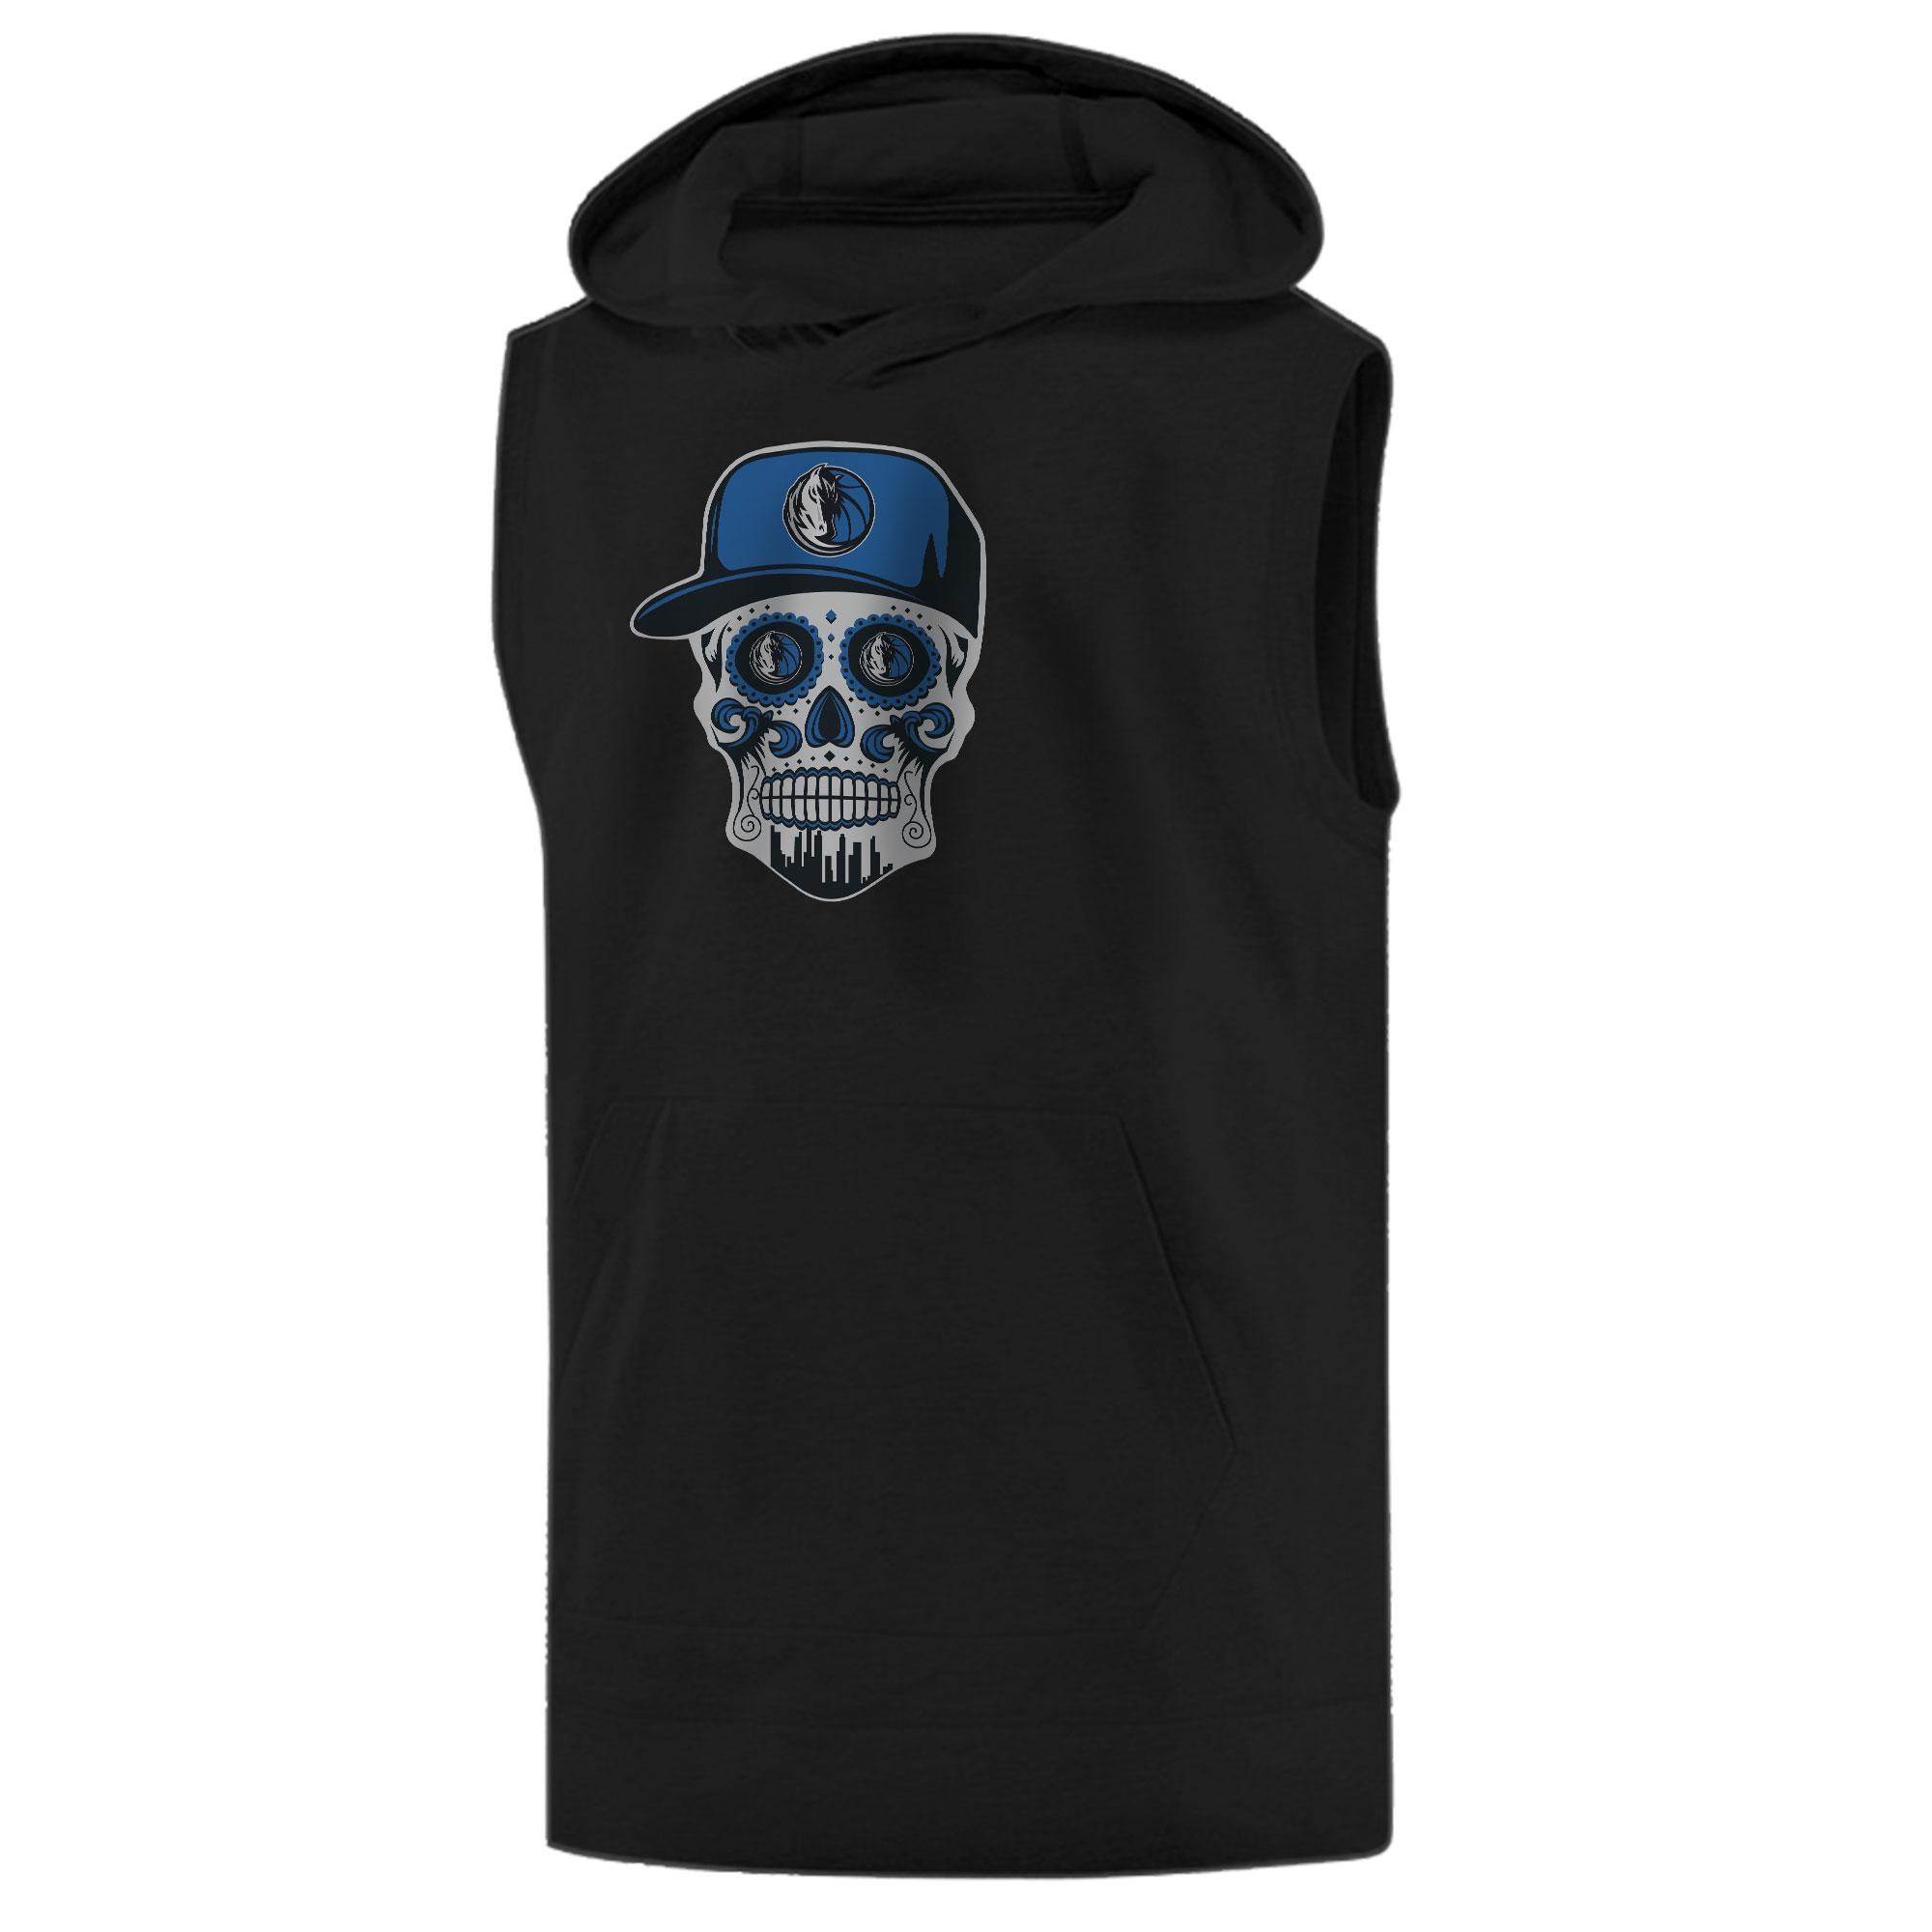 Dallas Skull Sleeveless (KLS-BLC-NP-451-NBA-DLS-SKULL)